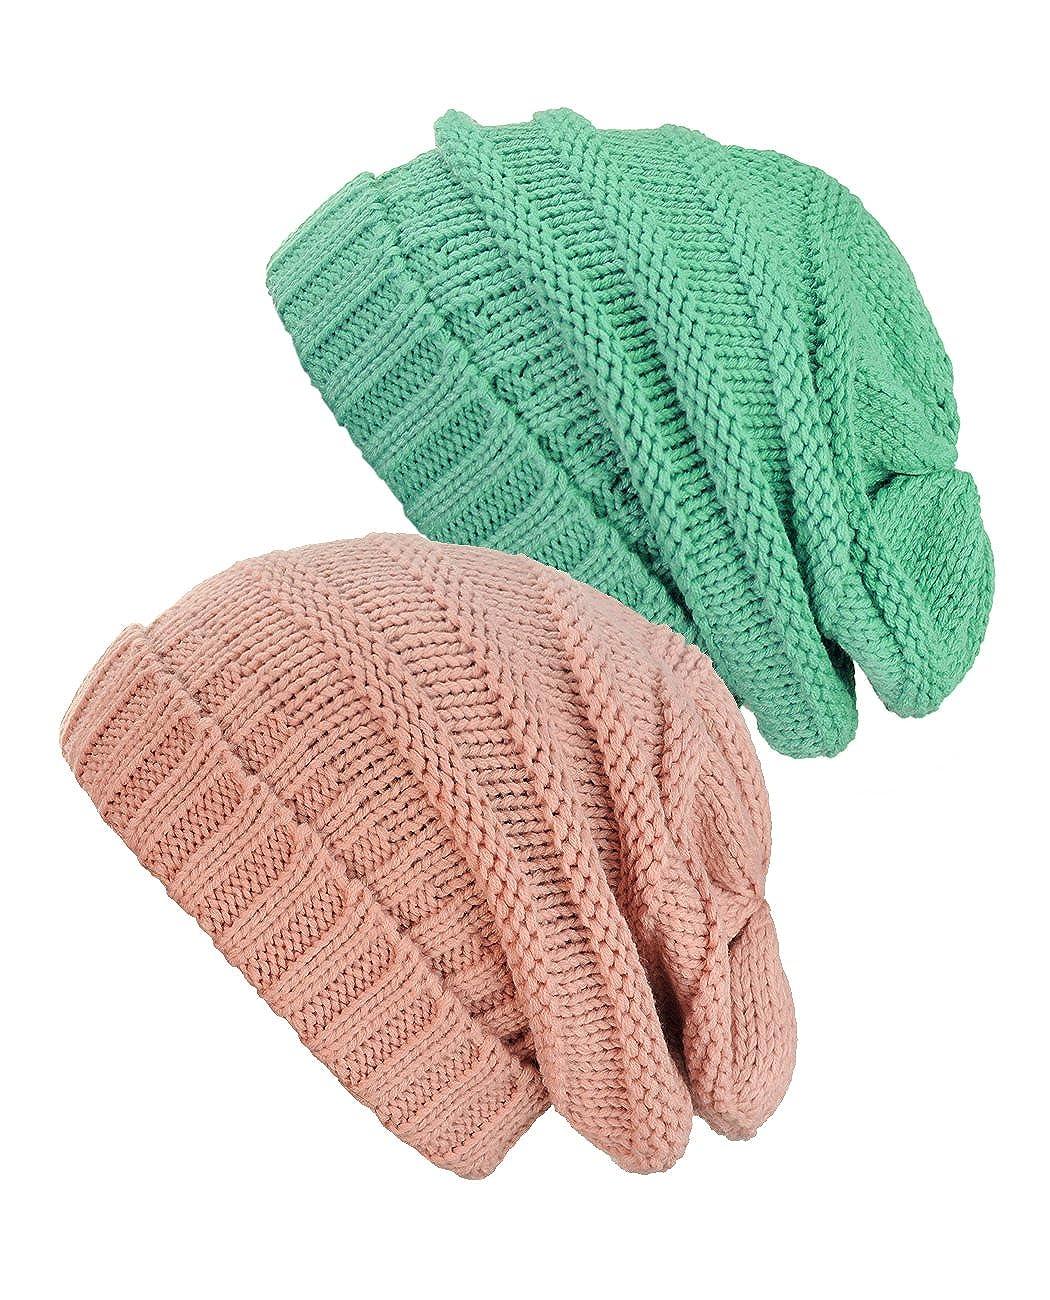 Bonnet dhiver bouffant et /épais de style slouchy Une exclusivit/é de NYfashion101.